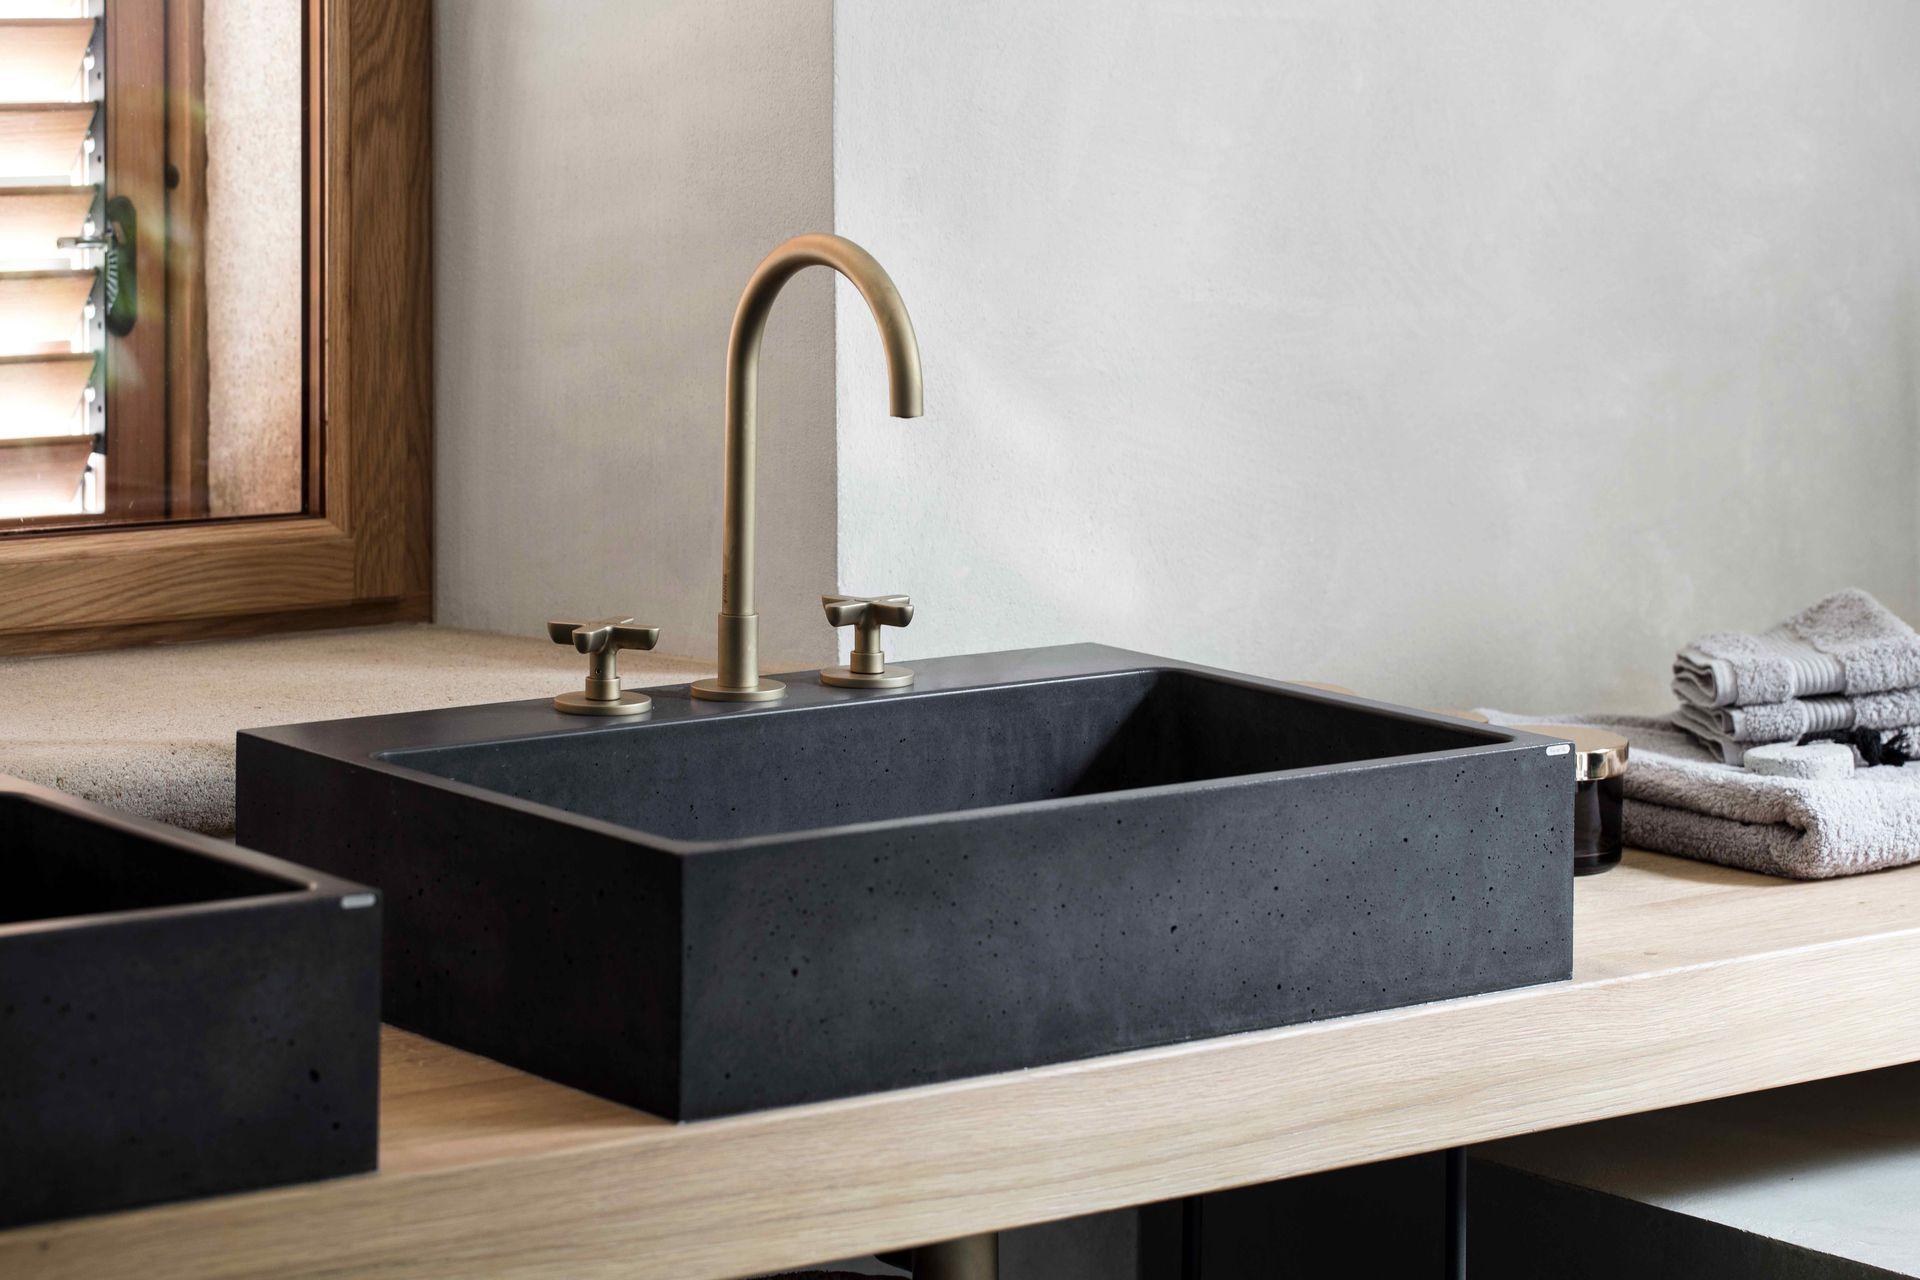 Rustikales Badezimmer, untypisches Waschbecken Box